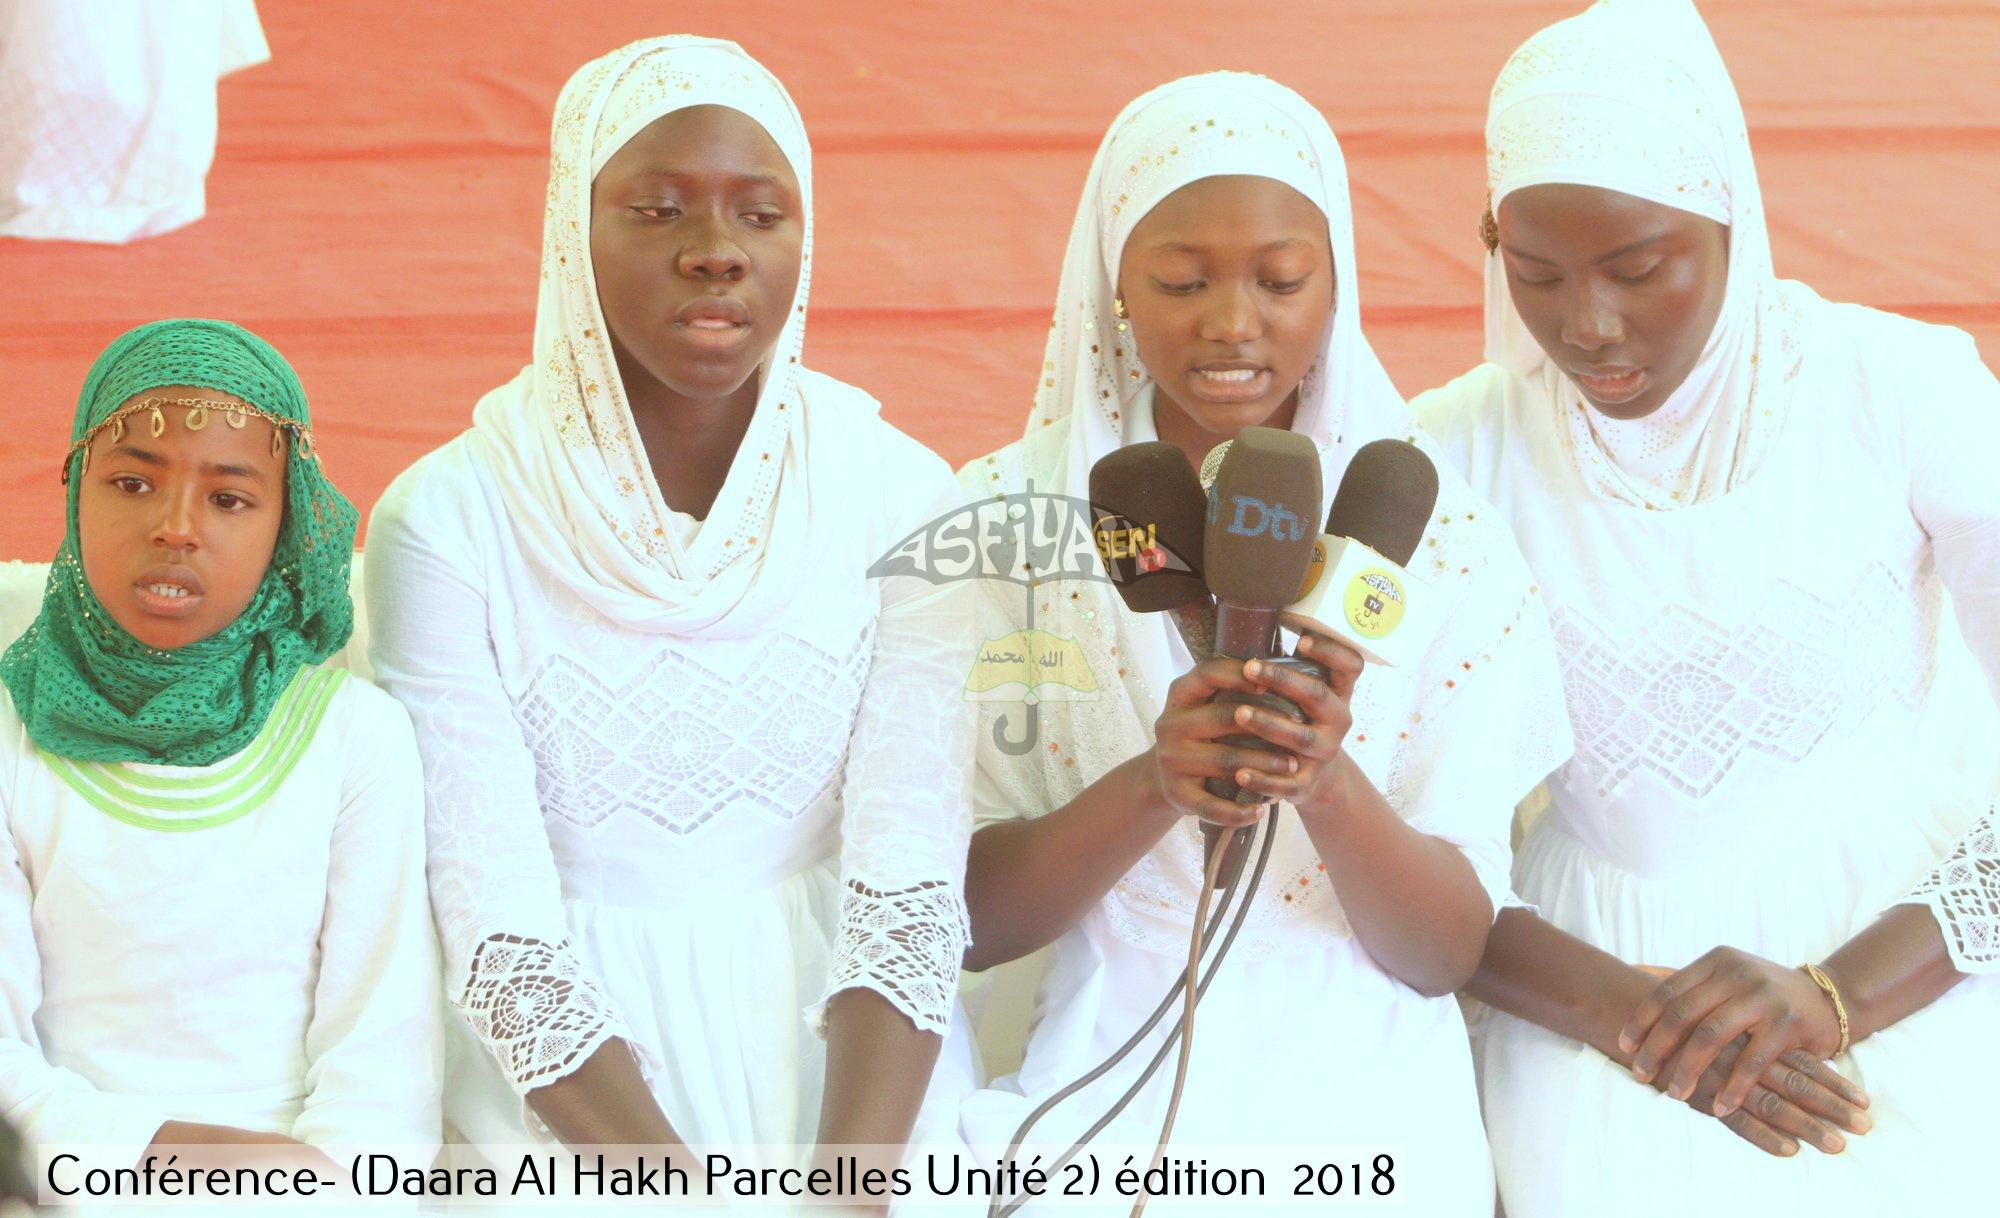 PHOTOS - PARCELLES ASSAINIES - Les images de la conférence 2018 du Daara Al Haqq de Oustaz Mouhamed Mbaye